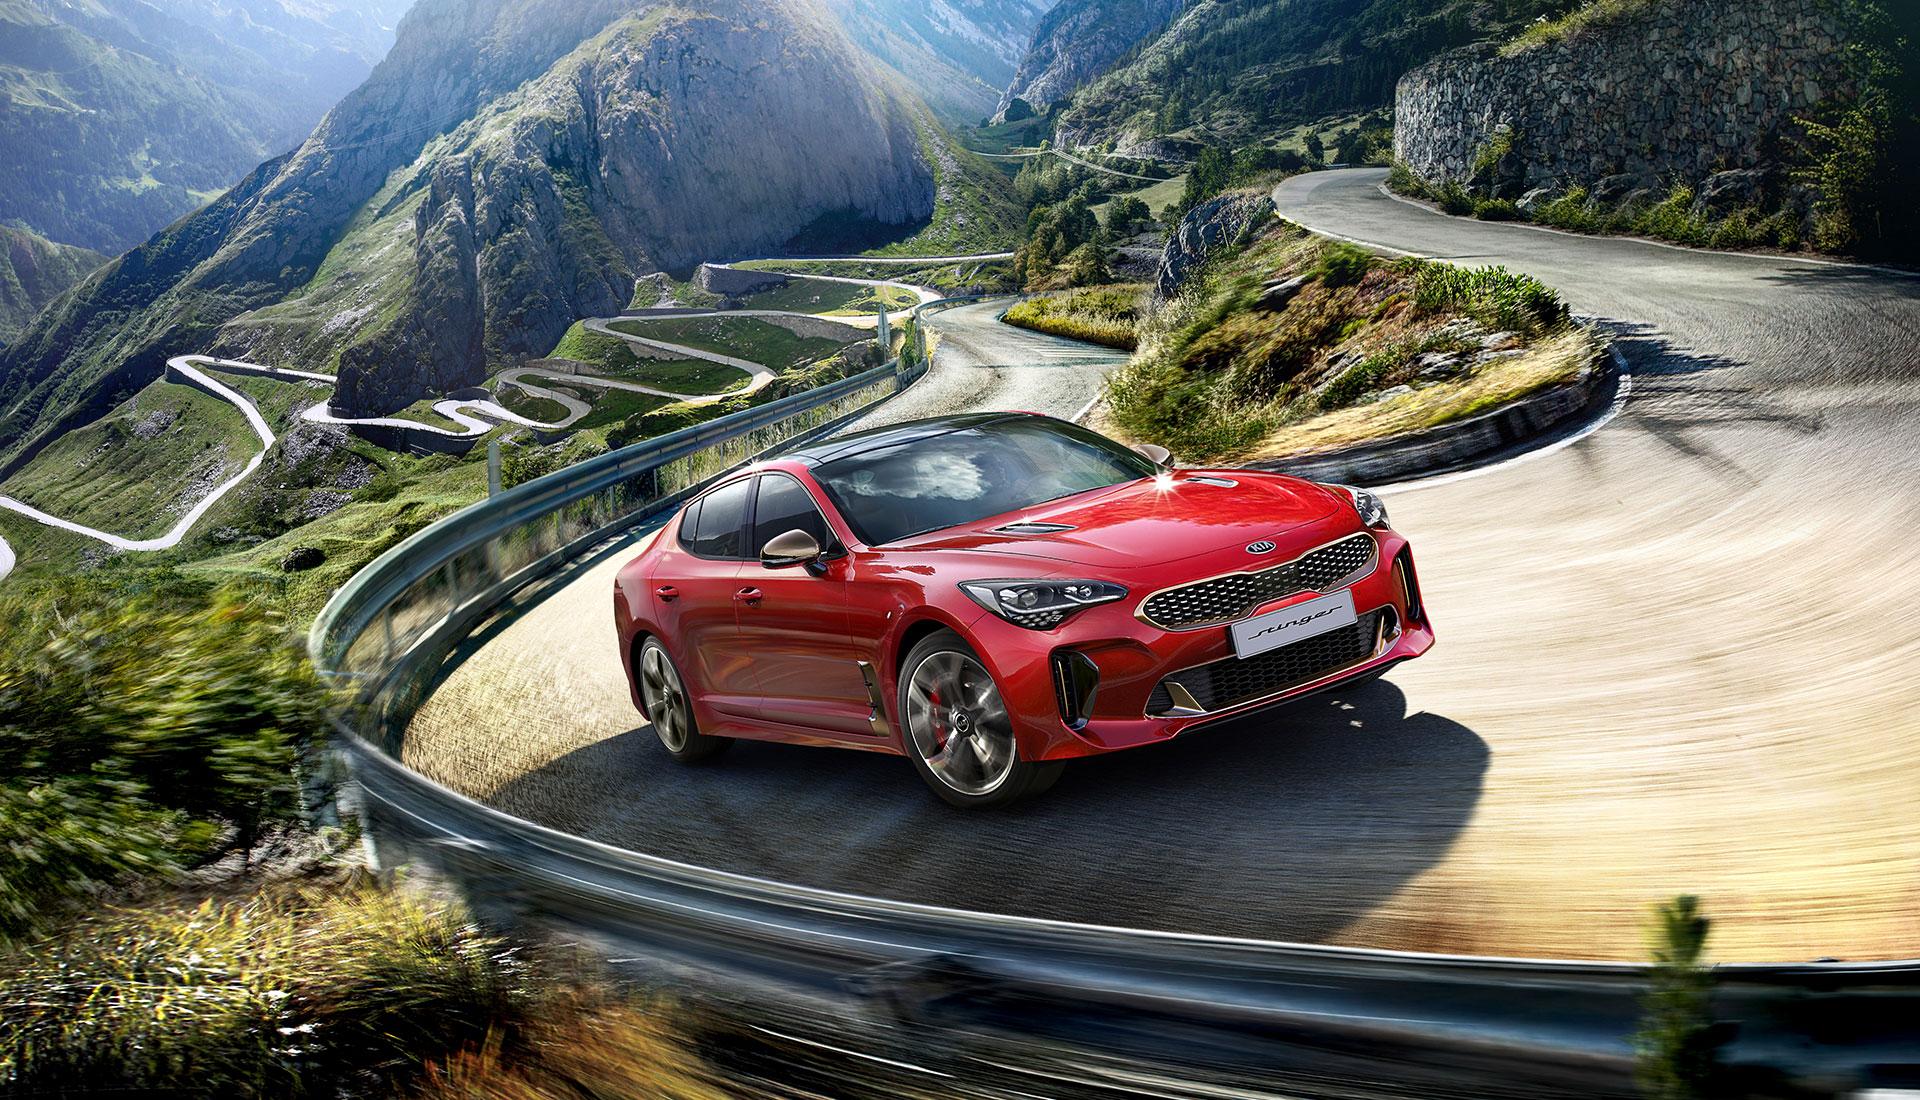 Autorizovaný prodej a servis Kia, Nissan, Opel, Isuzu